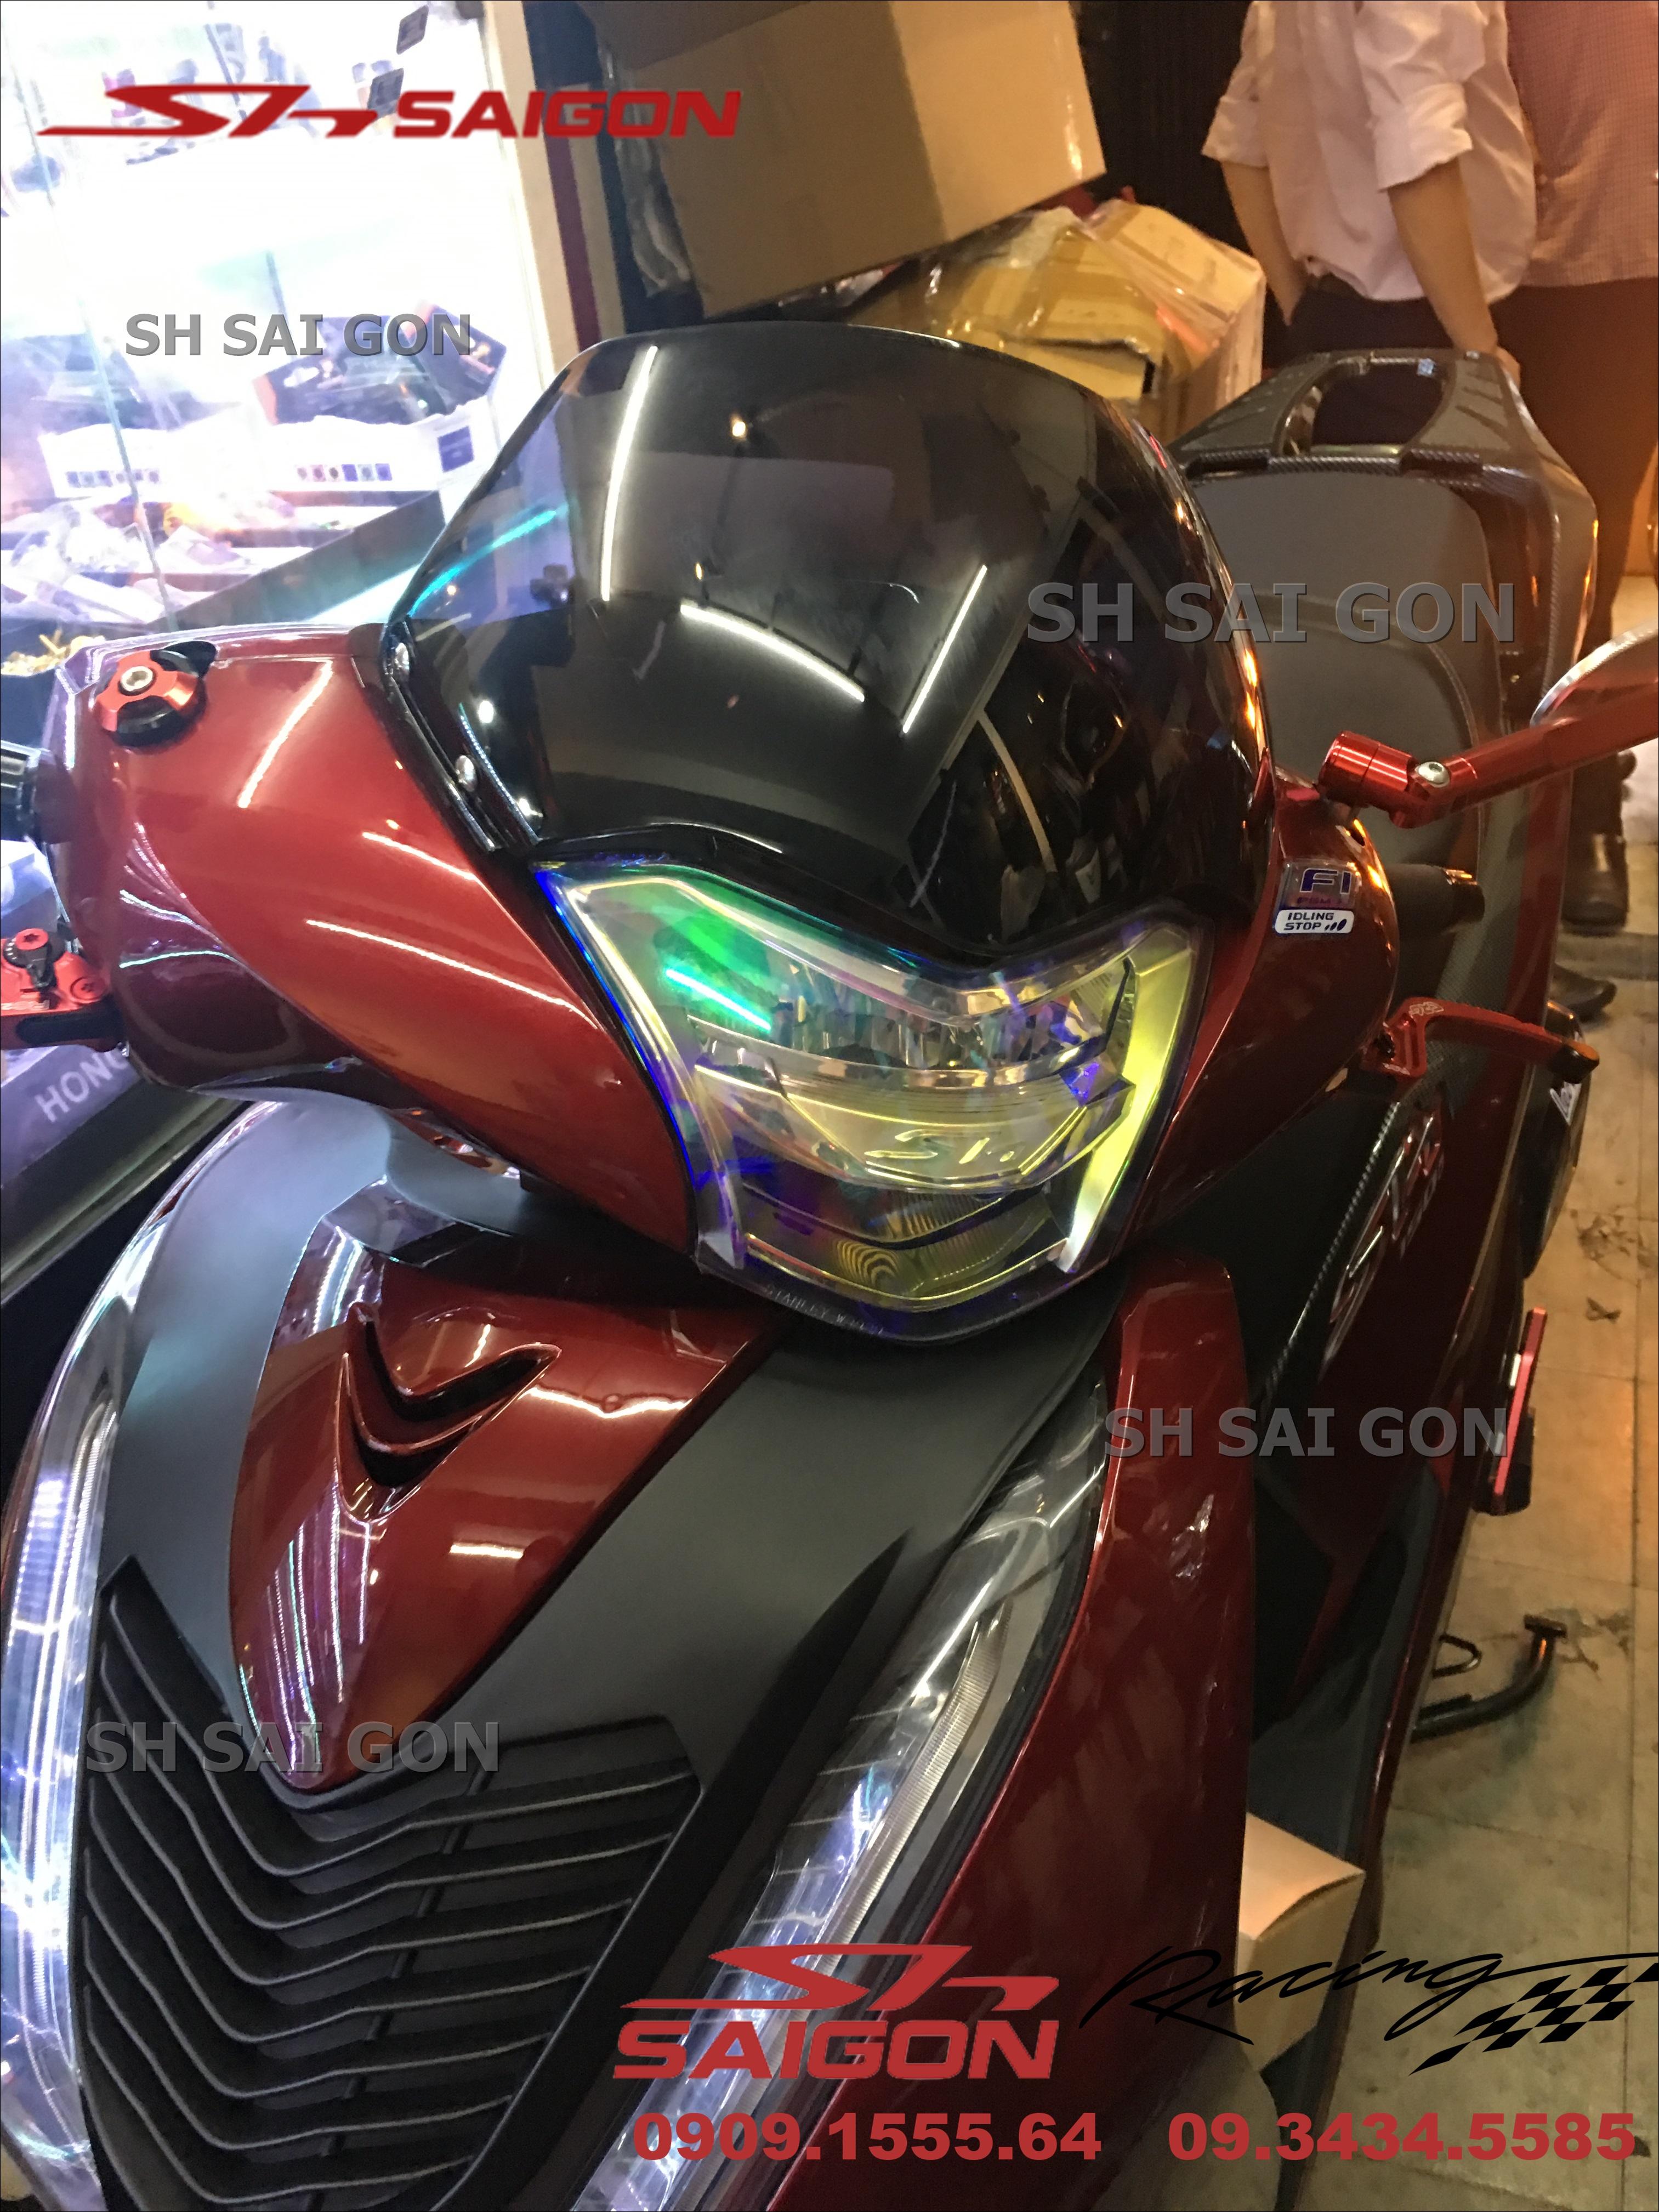 Image xe SH Việt Nam 2017 2018 2019 thay kính chắn gió chuyên nghiệp giá phải chăng tại Hồ Chí Minh